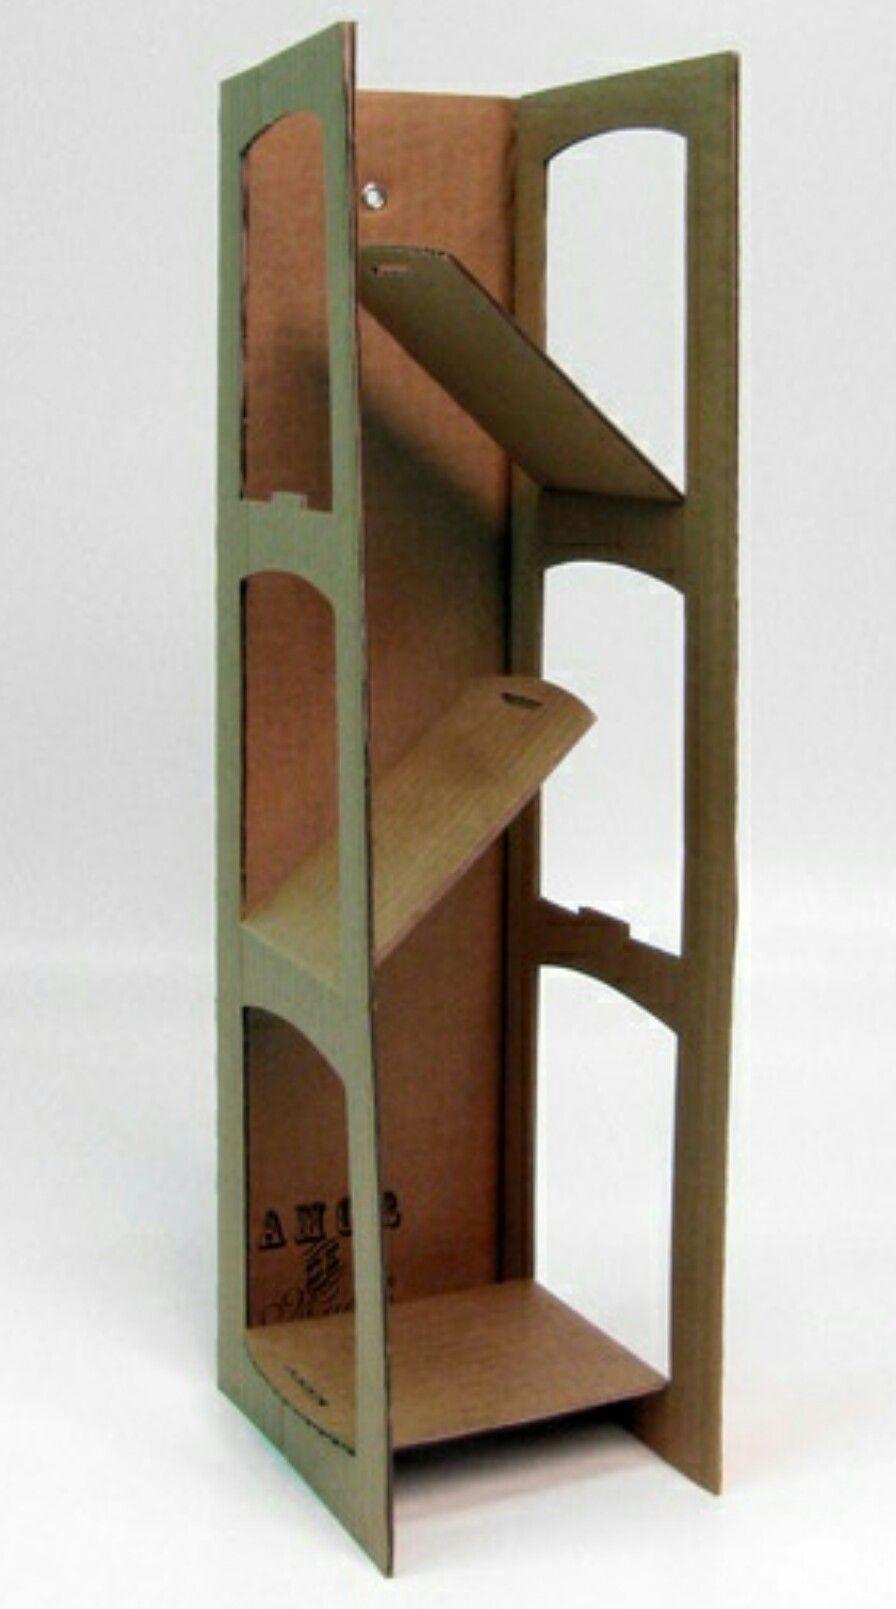 Craft Fair Display Marktideen Karton Möbel Recycelte Möbel Und